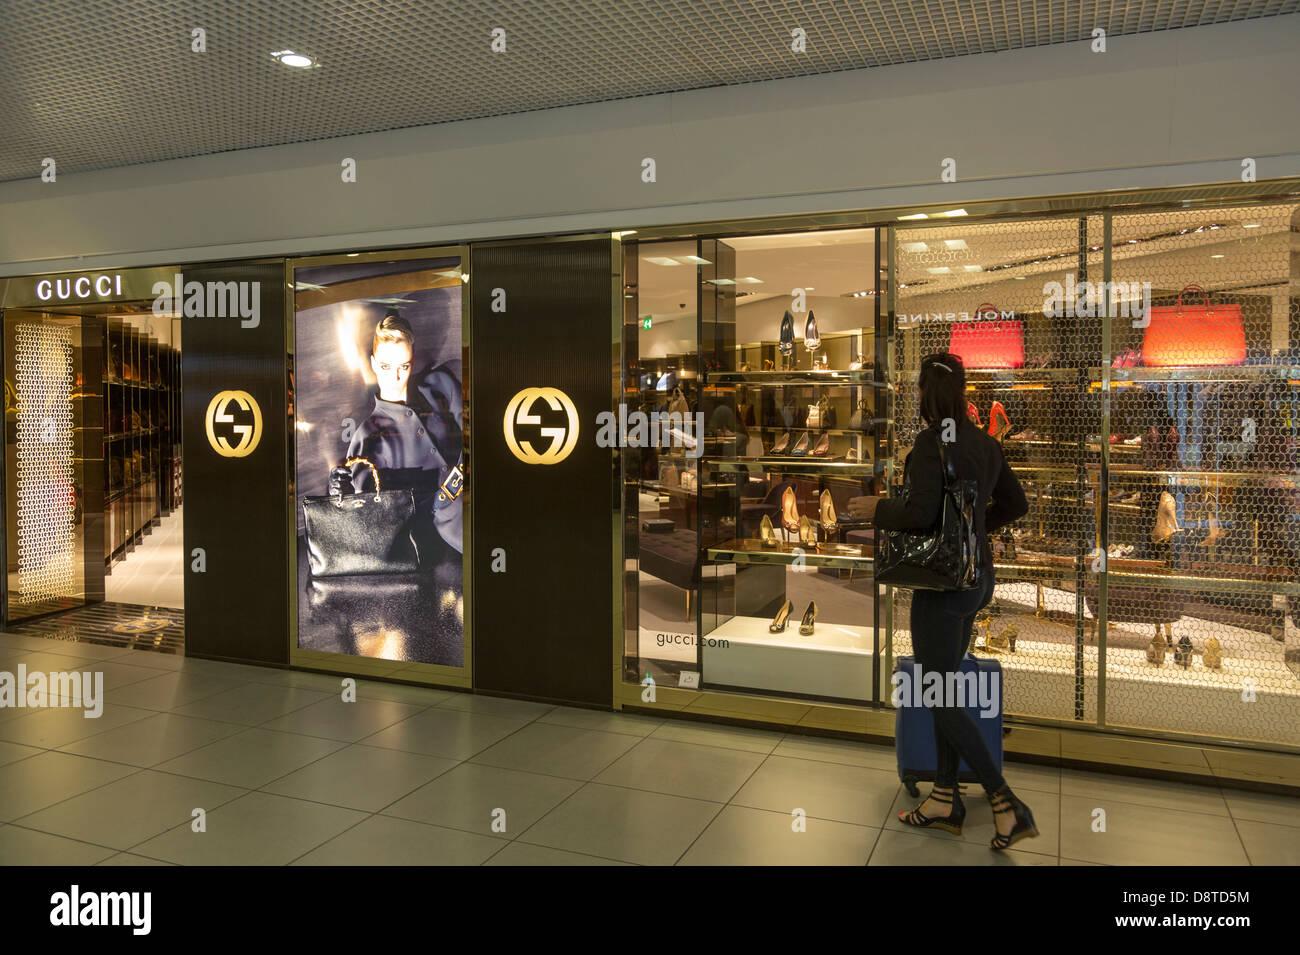 b8d8de82c7f Interior Of Gucci Shop Stock Photos   Interior Of Gucci Shop Stock ...